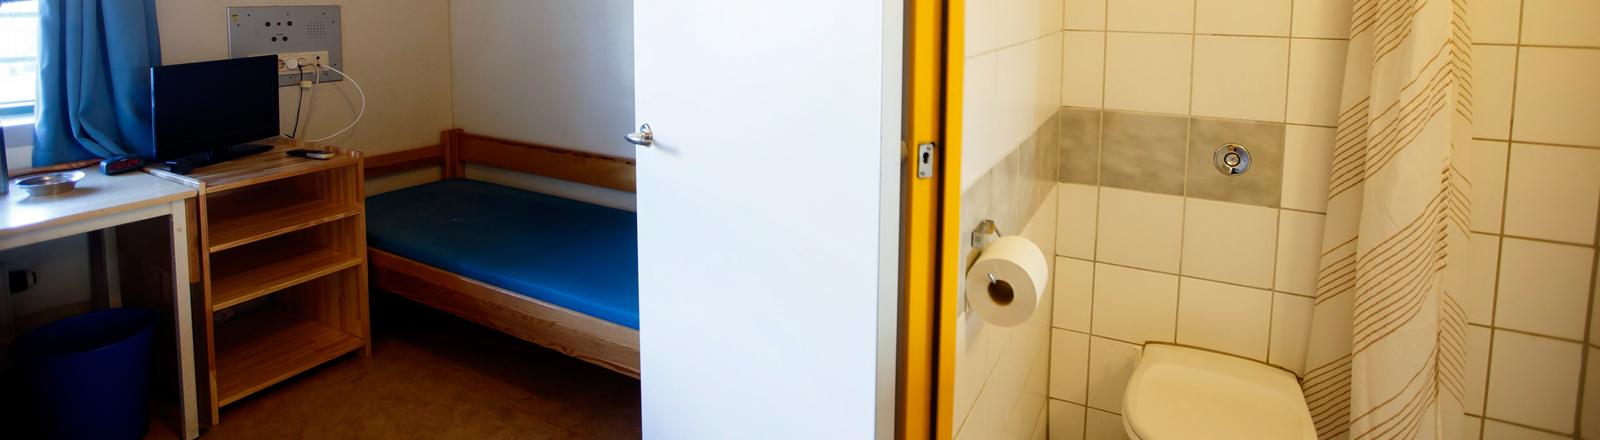 Die Zelle von Anders Breivik